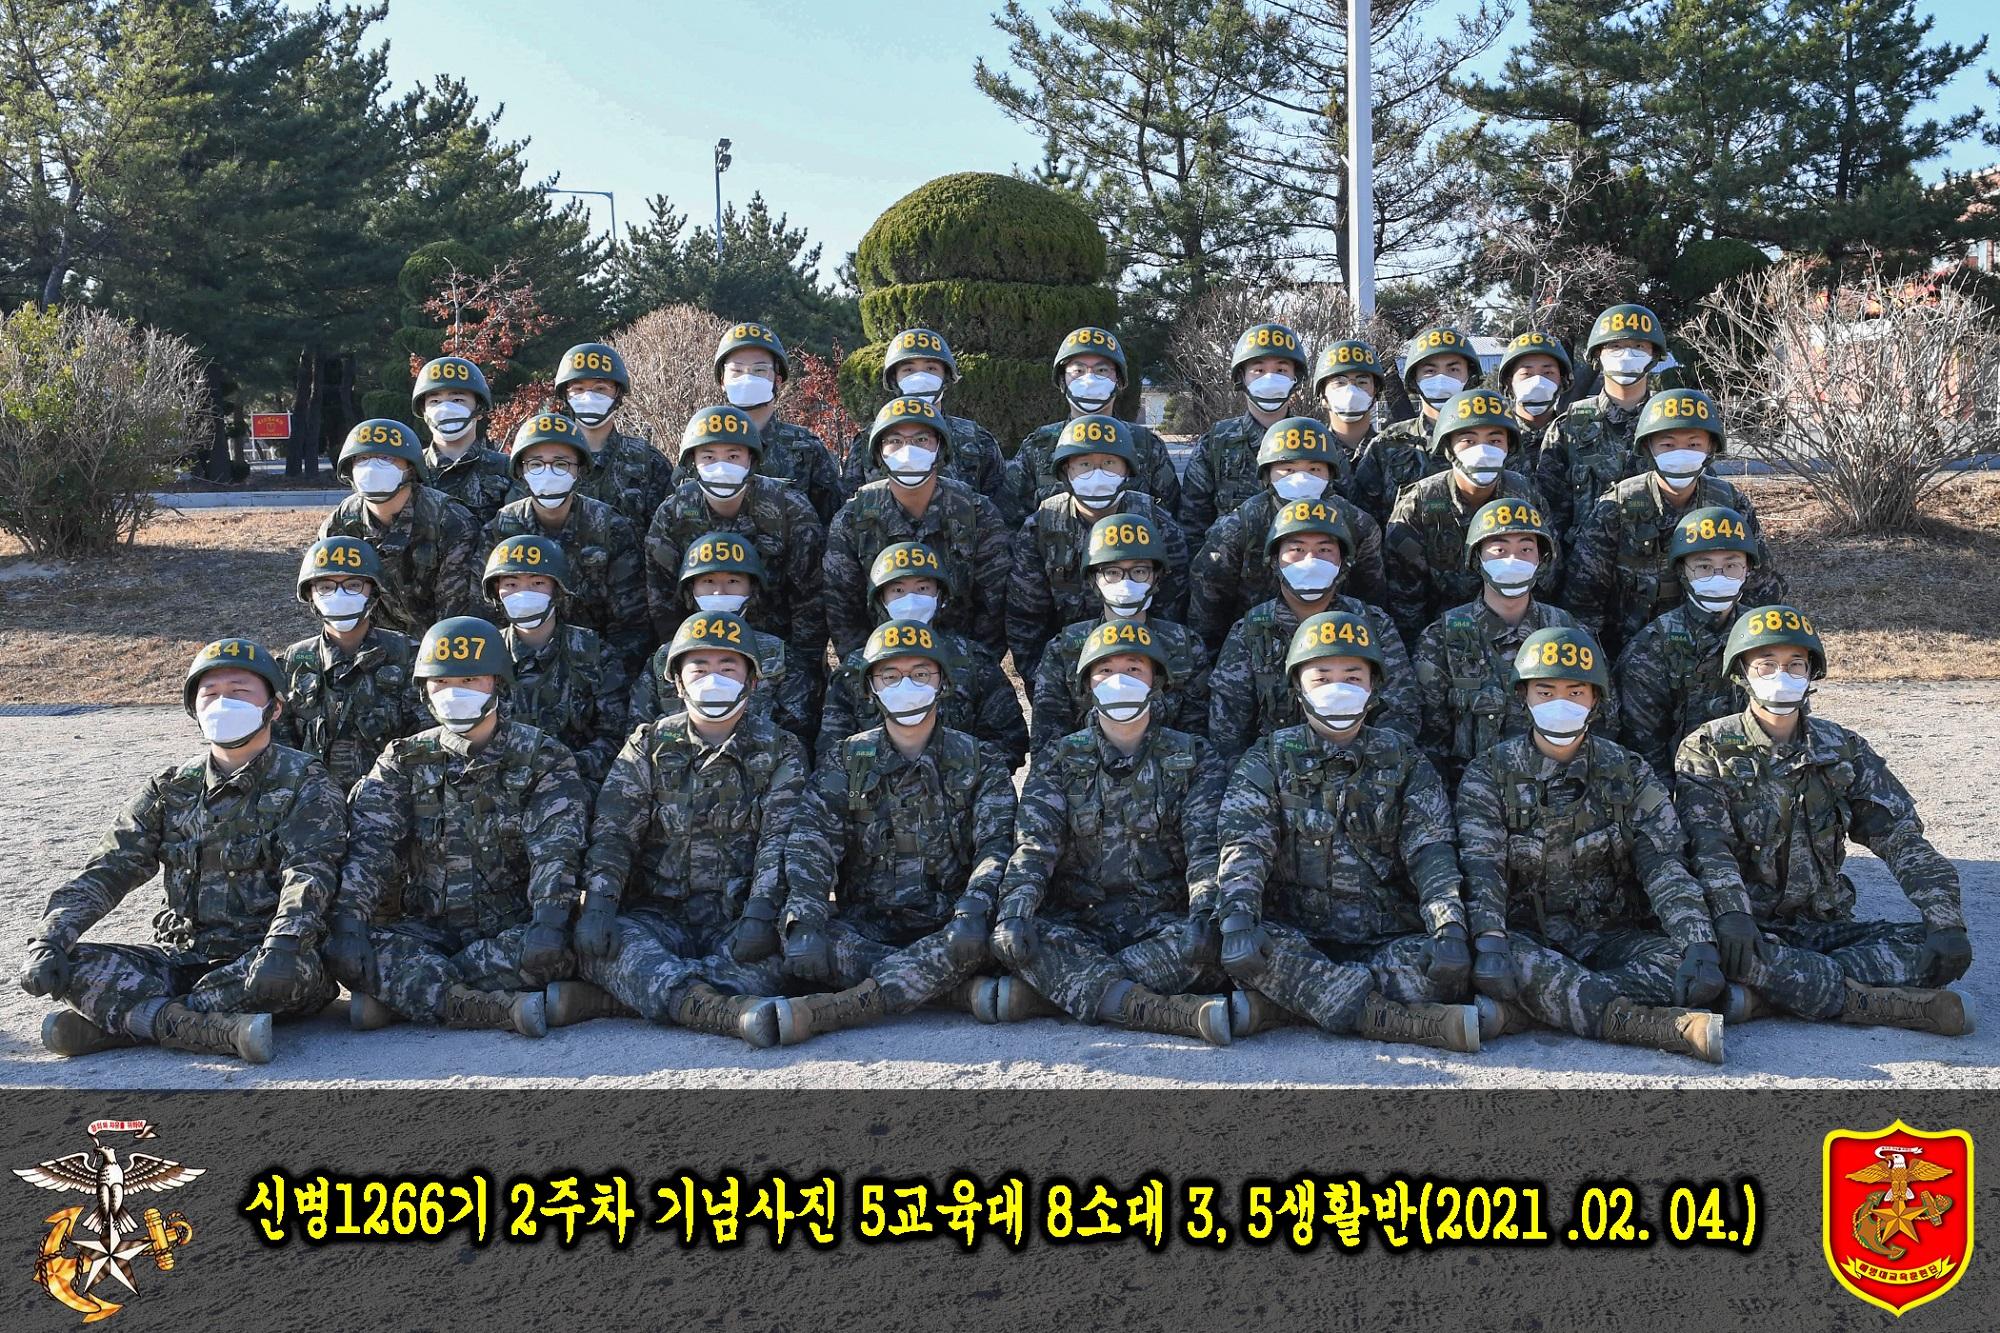 해병대 신병 1266기 5교육대 3주차 생활반 사진 14.jpg